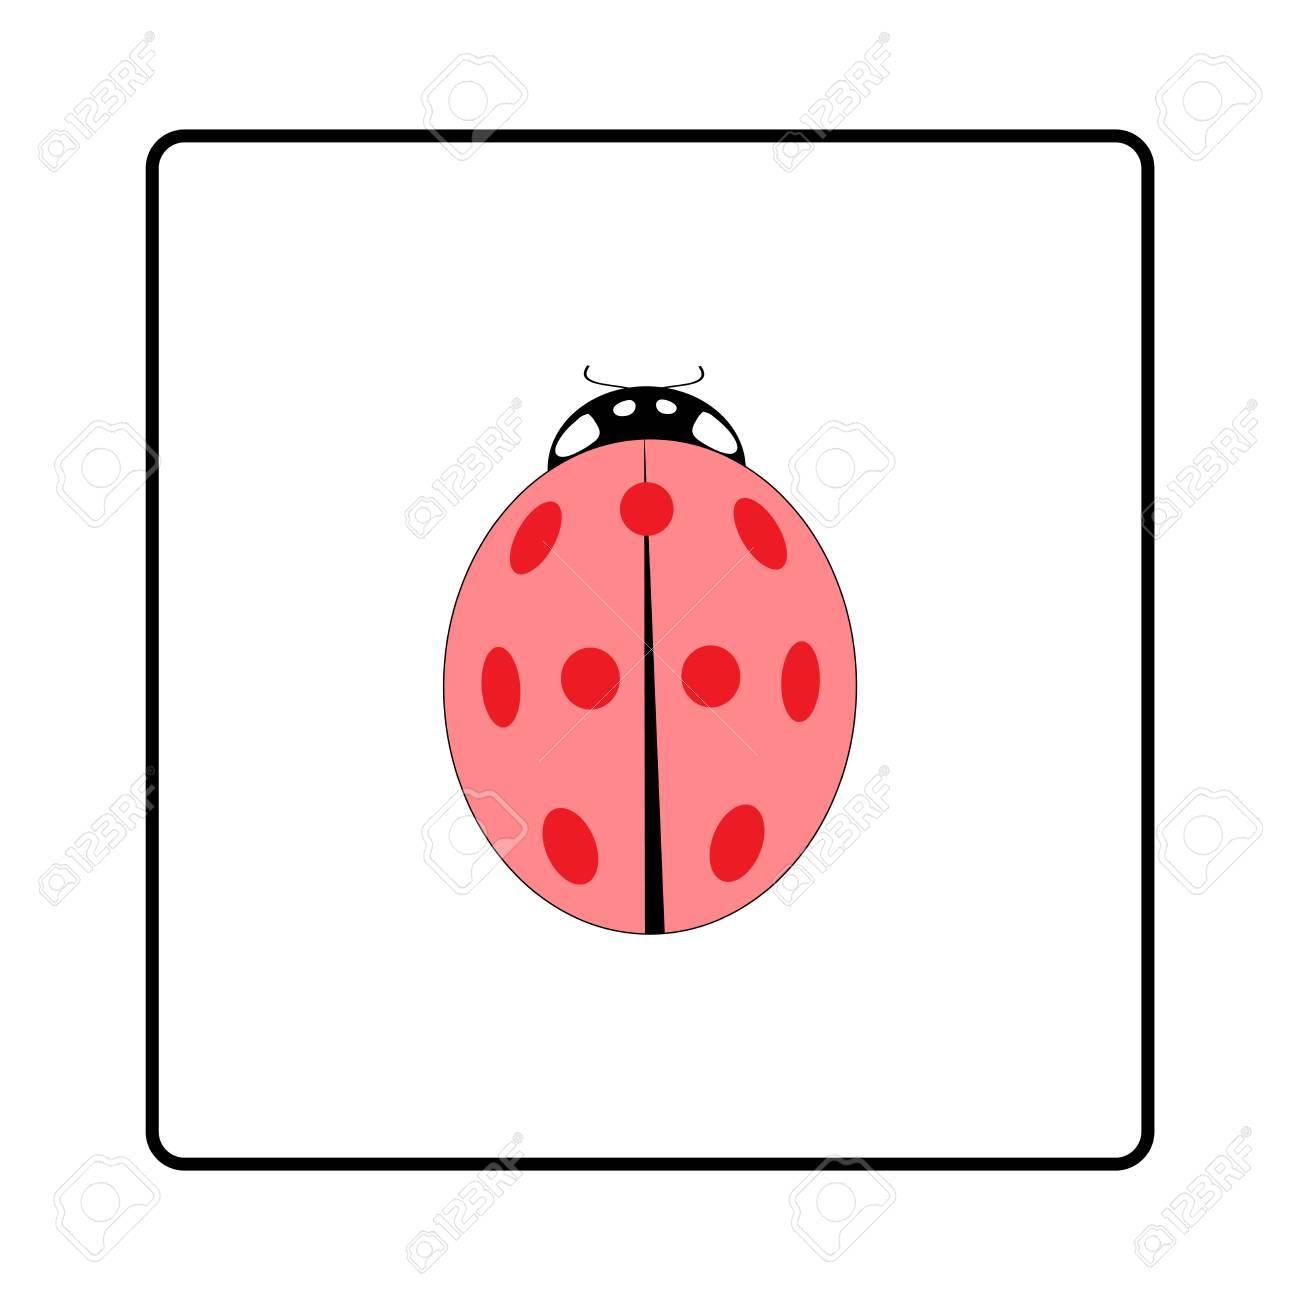 Ladybird Signo Rosa. Mariquita De La Ilustración En El Marco Blanco ...